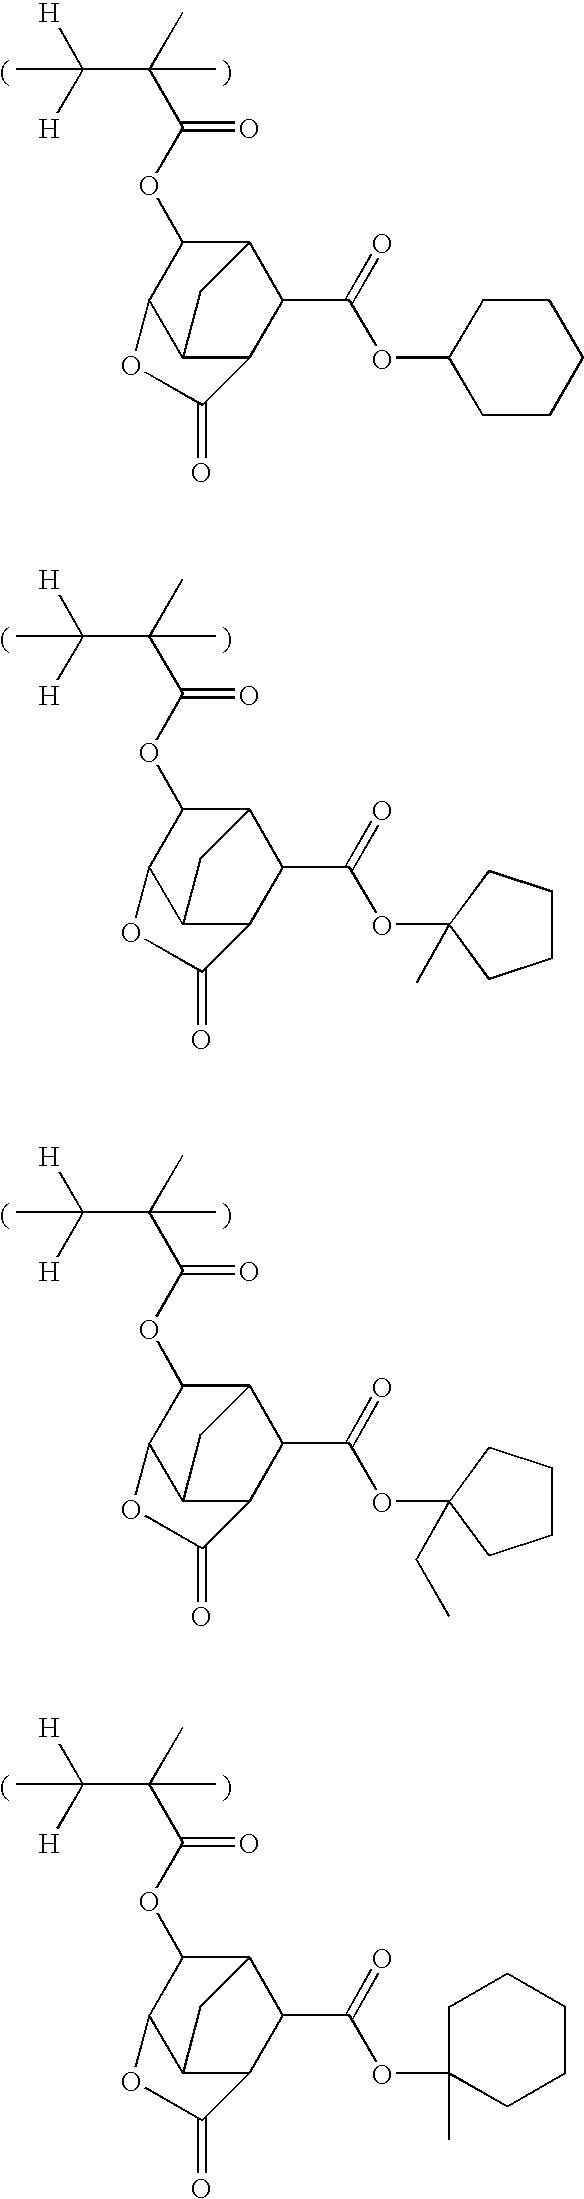 Figure US07687222-20100330-C00049